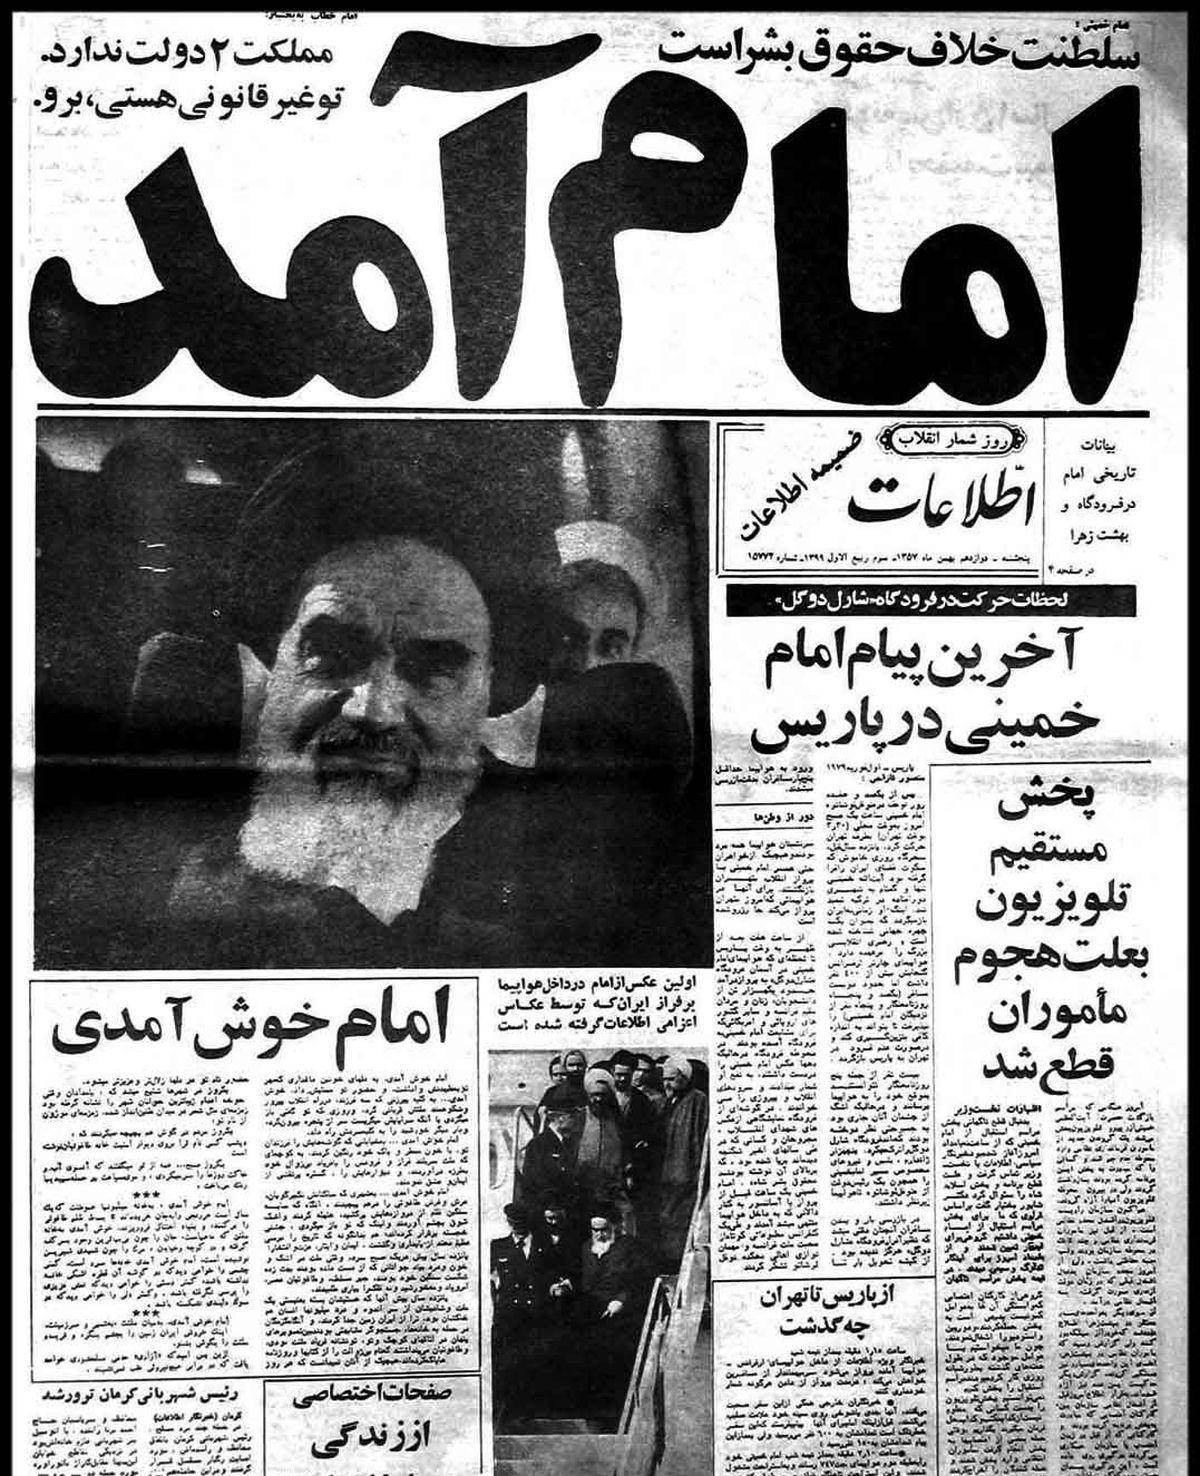 امام آمد/ استقبال میلیونی از امام خمینی در فرودگاه مهر آباد + تصاویر